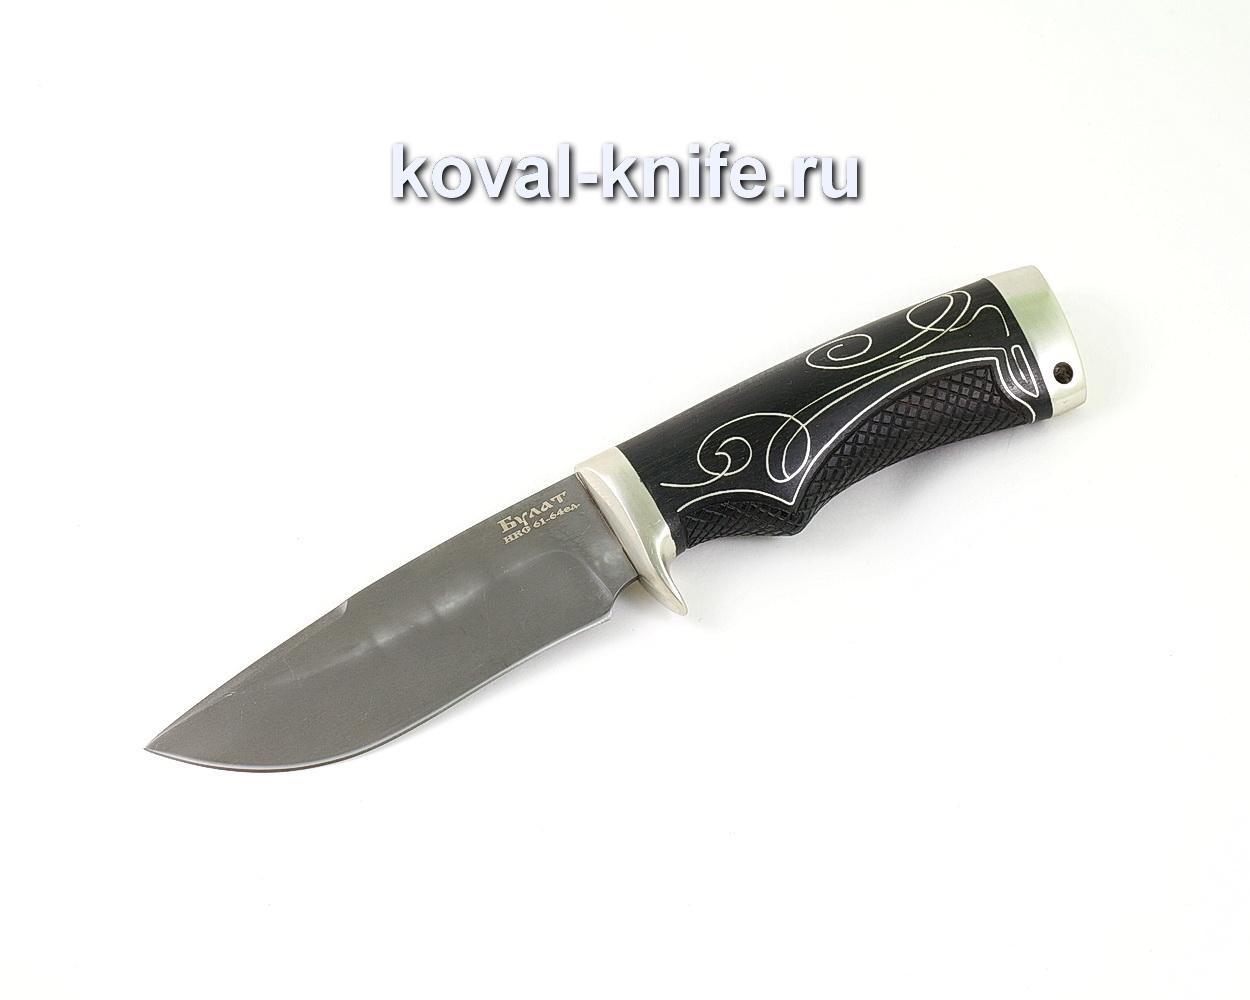 Нож из булатной стали Сапсан (Легированный булат, рукоять граб, серебро, литье мельхиор) A459